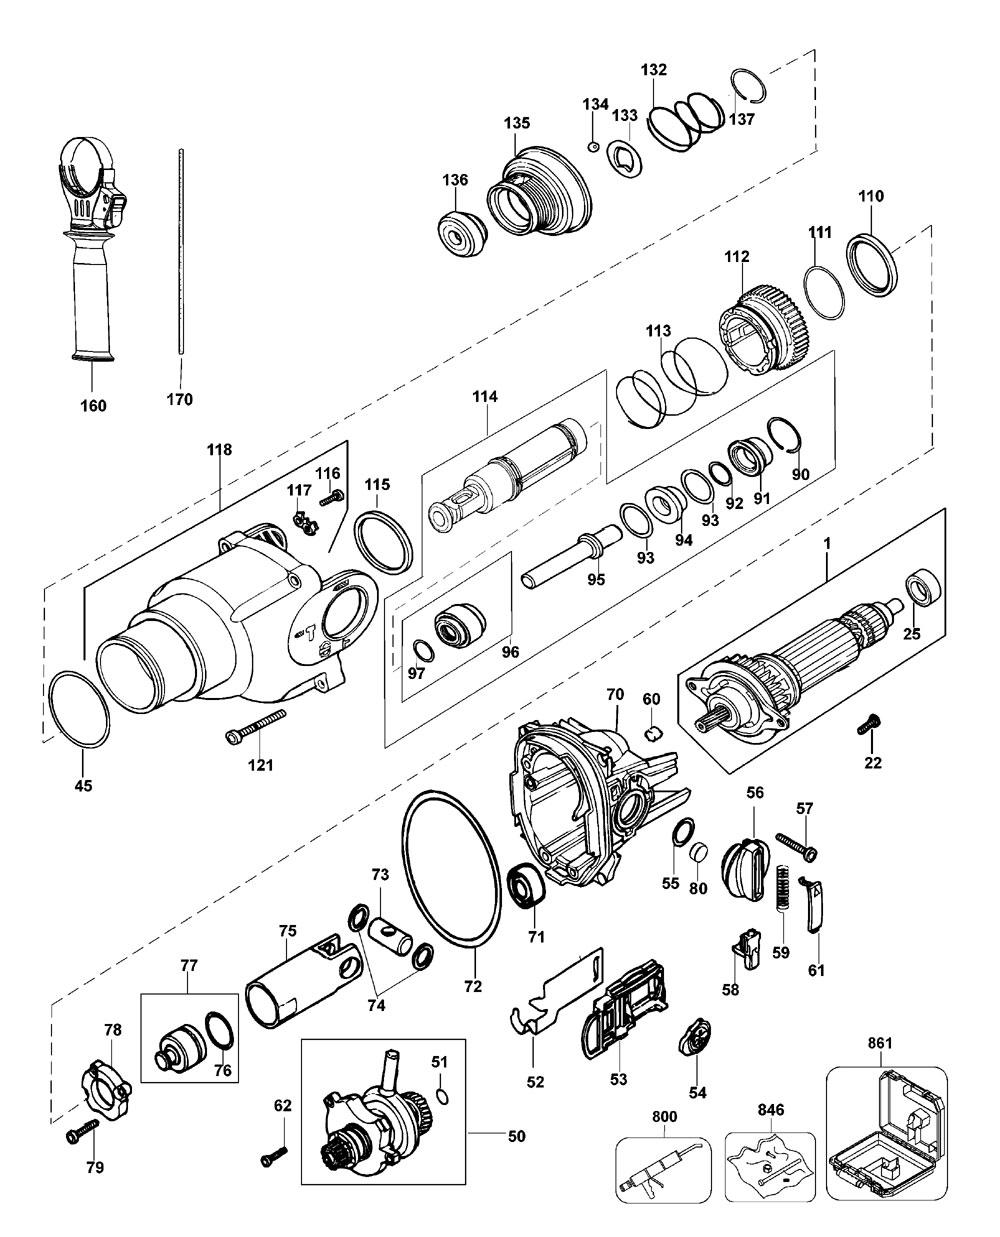 D25103KB2-Dewalt-T2-PB-1Break Down